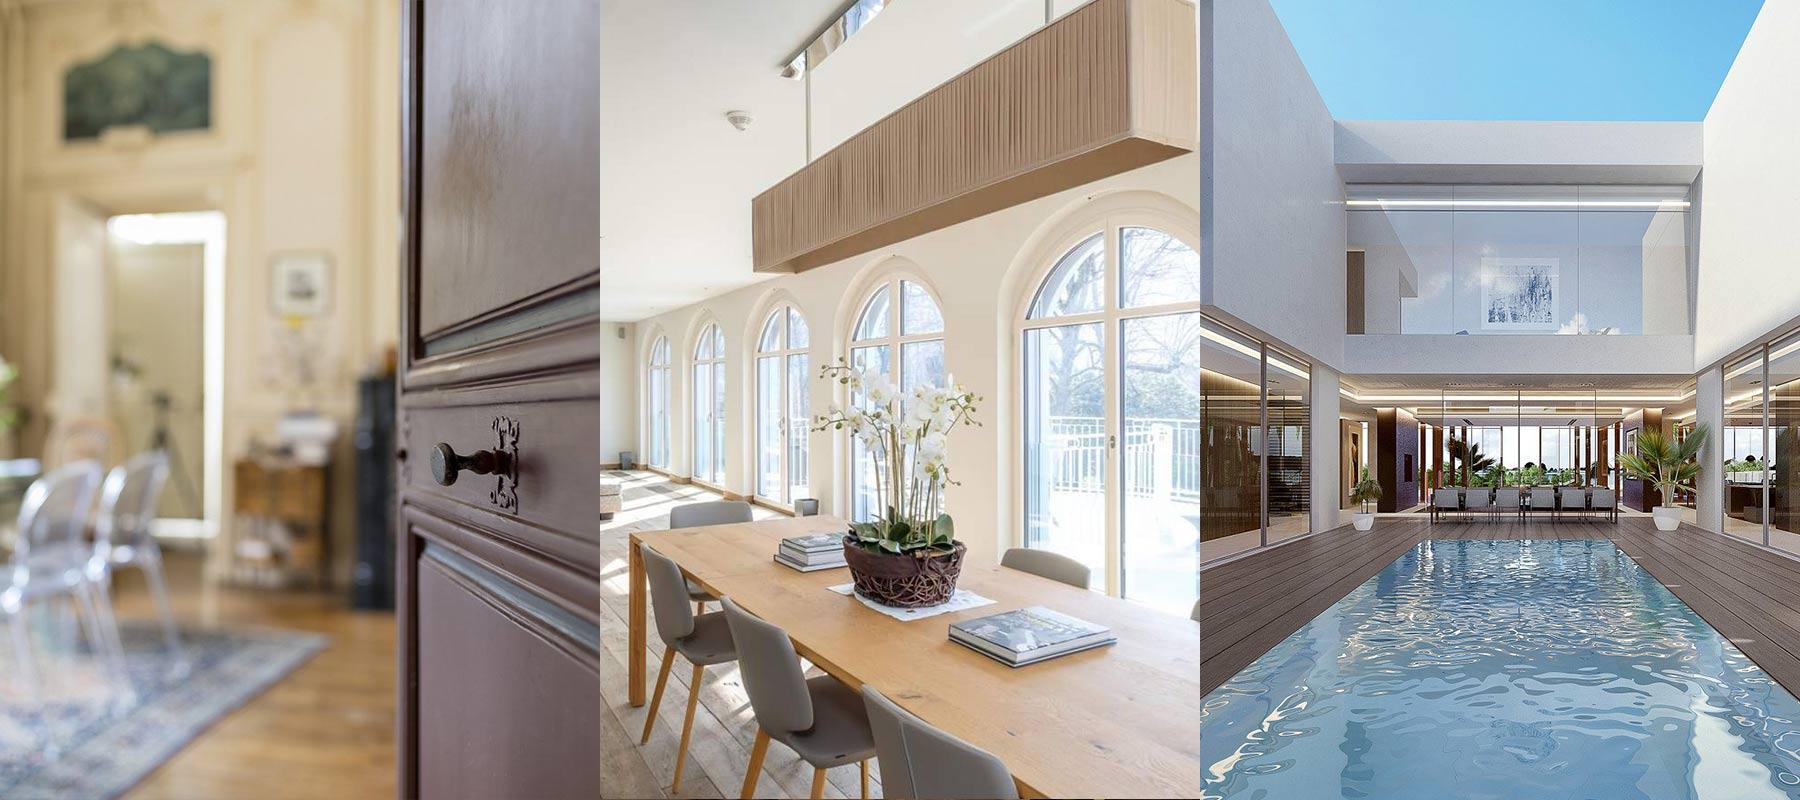 Acquérir un bien immobilier de luxe